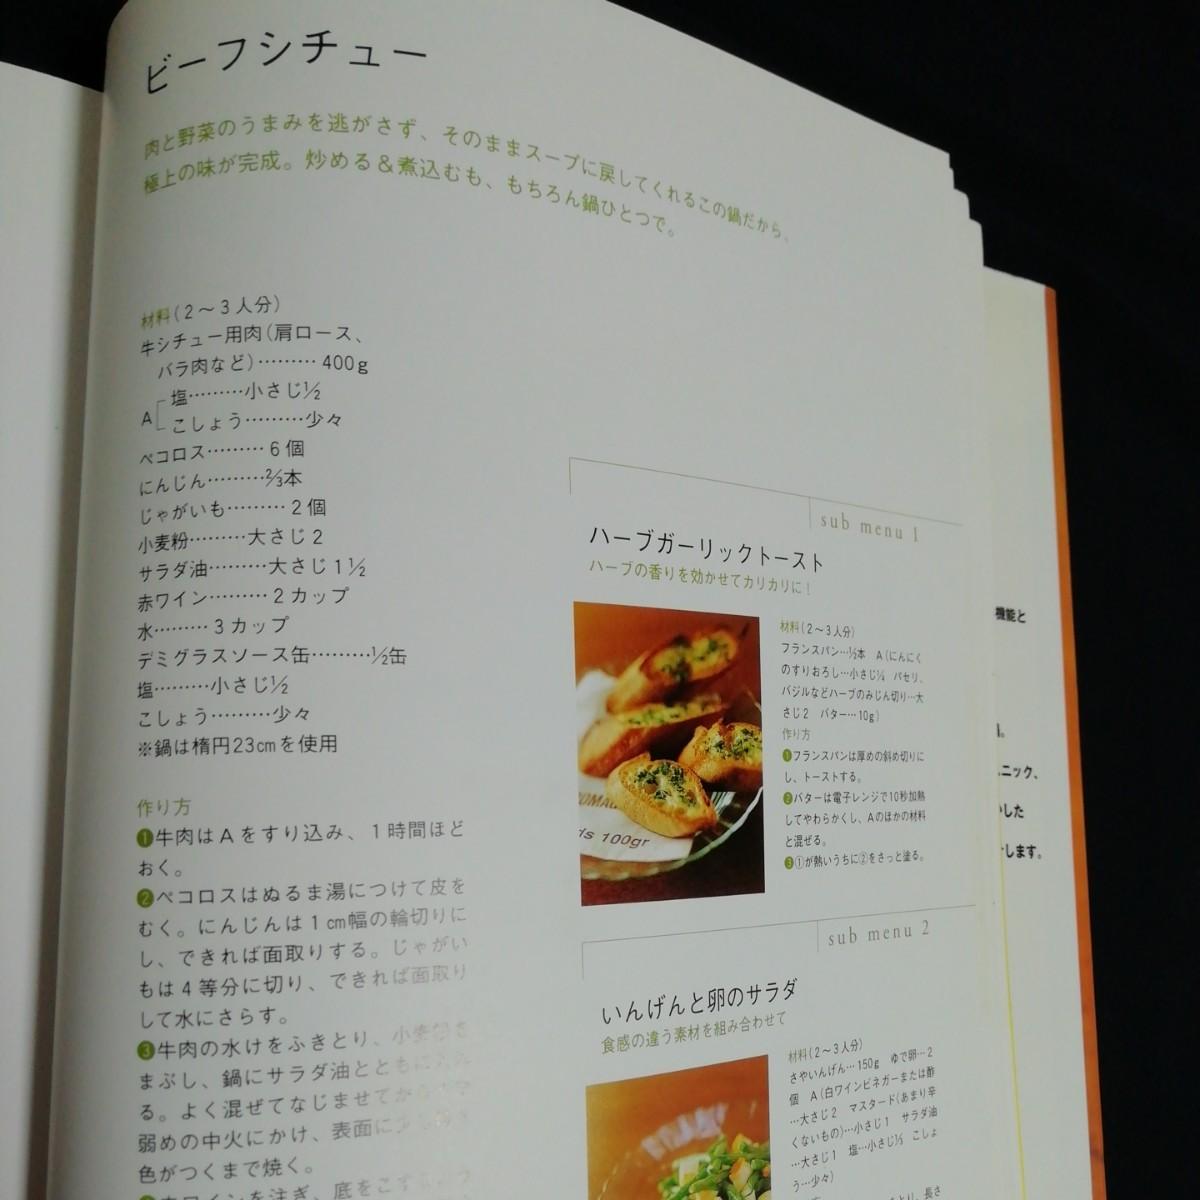 お得な2冊セット「ストウブ」でじんわりほっこり幸せなレシピ」ミニ鍋事典&レシピ